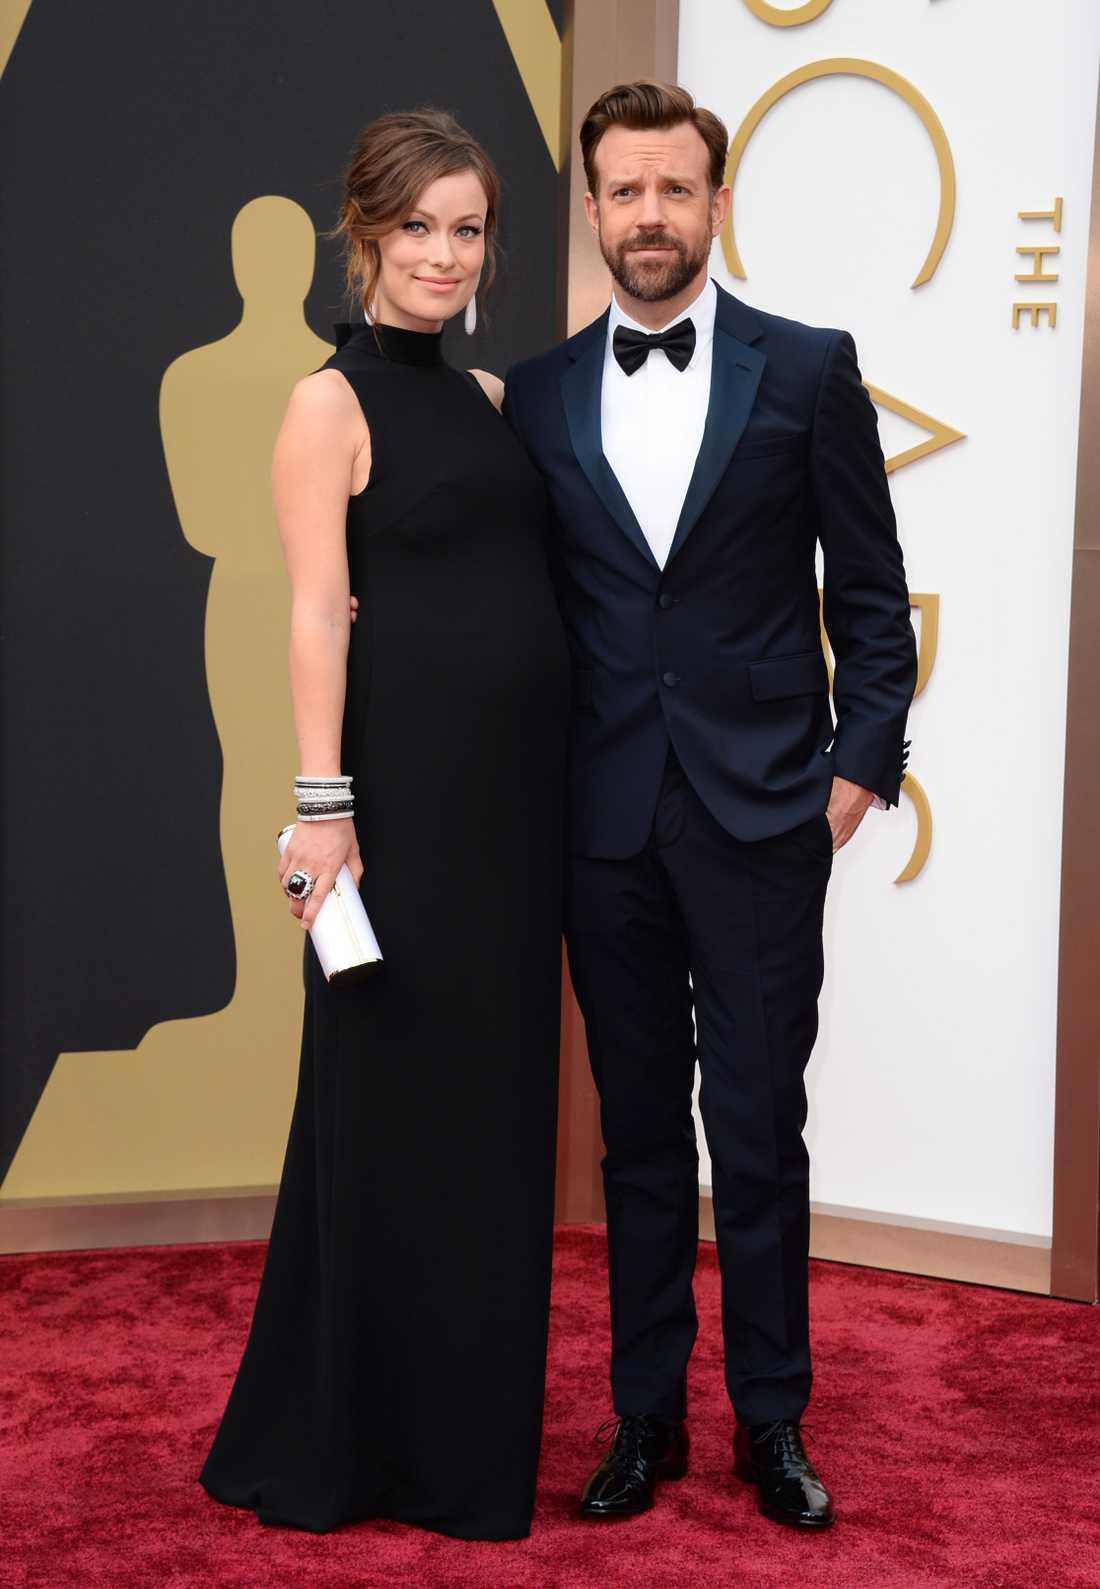 """+++ Olivia Wilde: """"En Valentino-klänning som är snyggare på baksidan än framsidan. Lite synd då vi sällan får se ryggen, men elegant är det. Väldigt klassiskt och enkelt för Olivia Wilde!"""""""